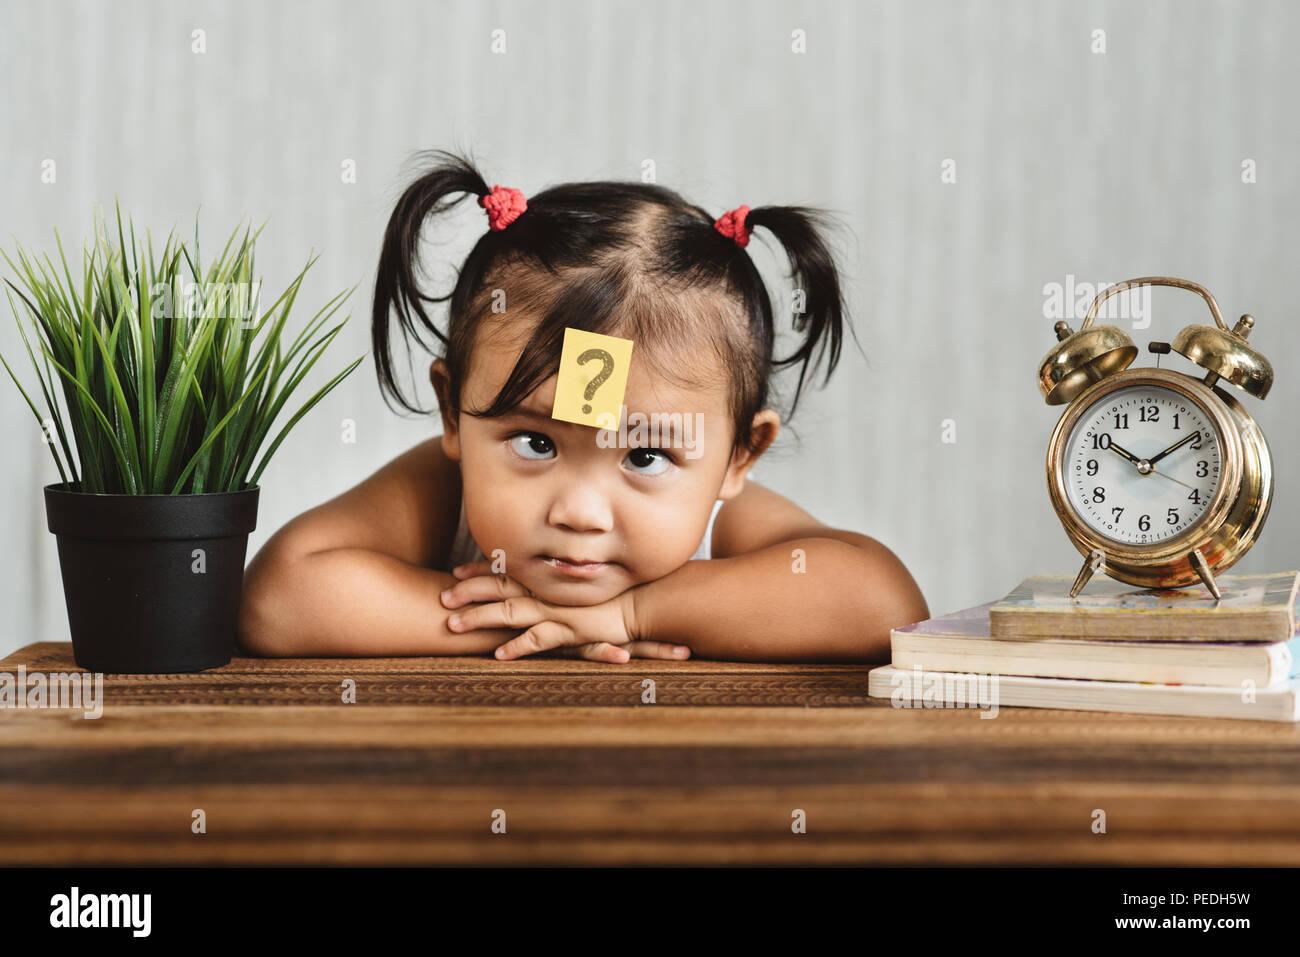 Carino e confuso lookian toddler asiatici con punto interrogativo sulla sua fronte. concetto di bambino educazione apprendimento, di crescita e di sviluppo. Immagini Stock